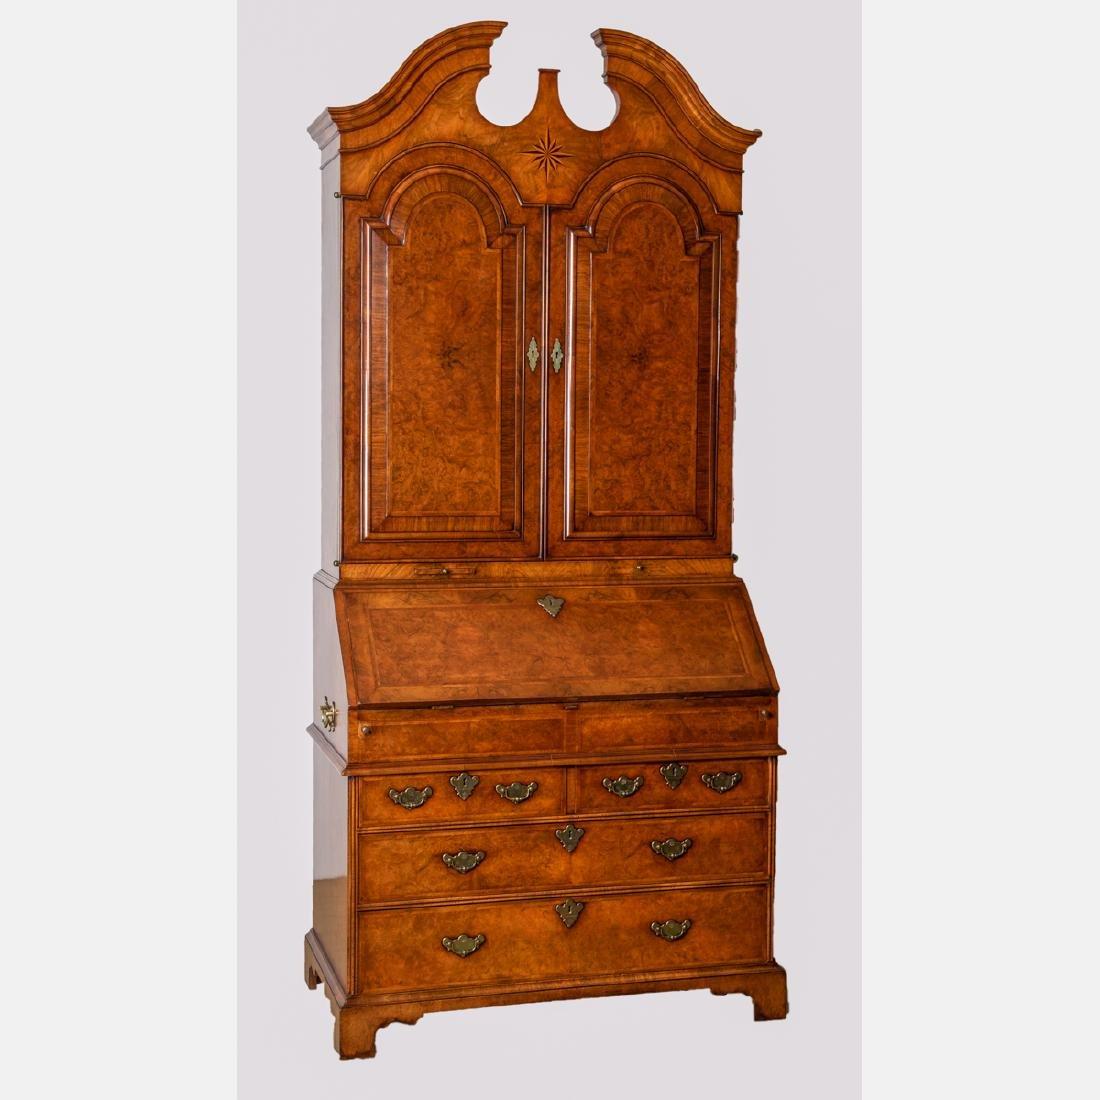 A Georgian Style Mahogany and Walnut Secretary Bookcase